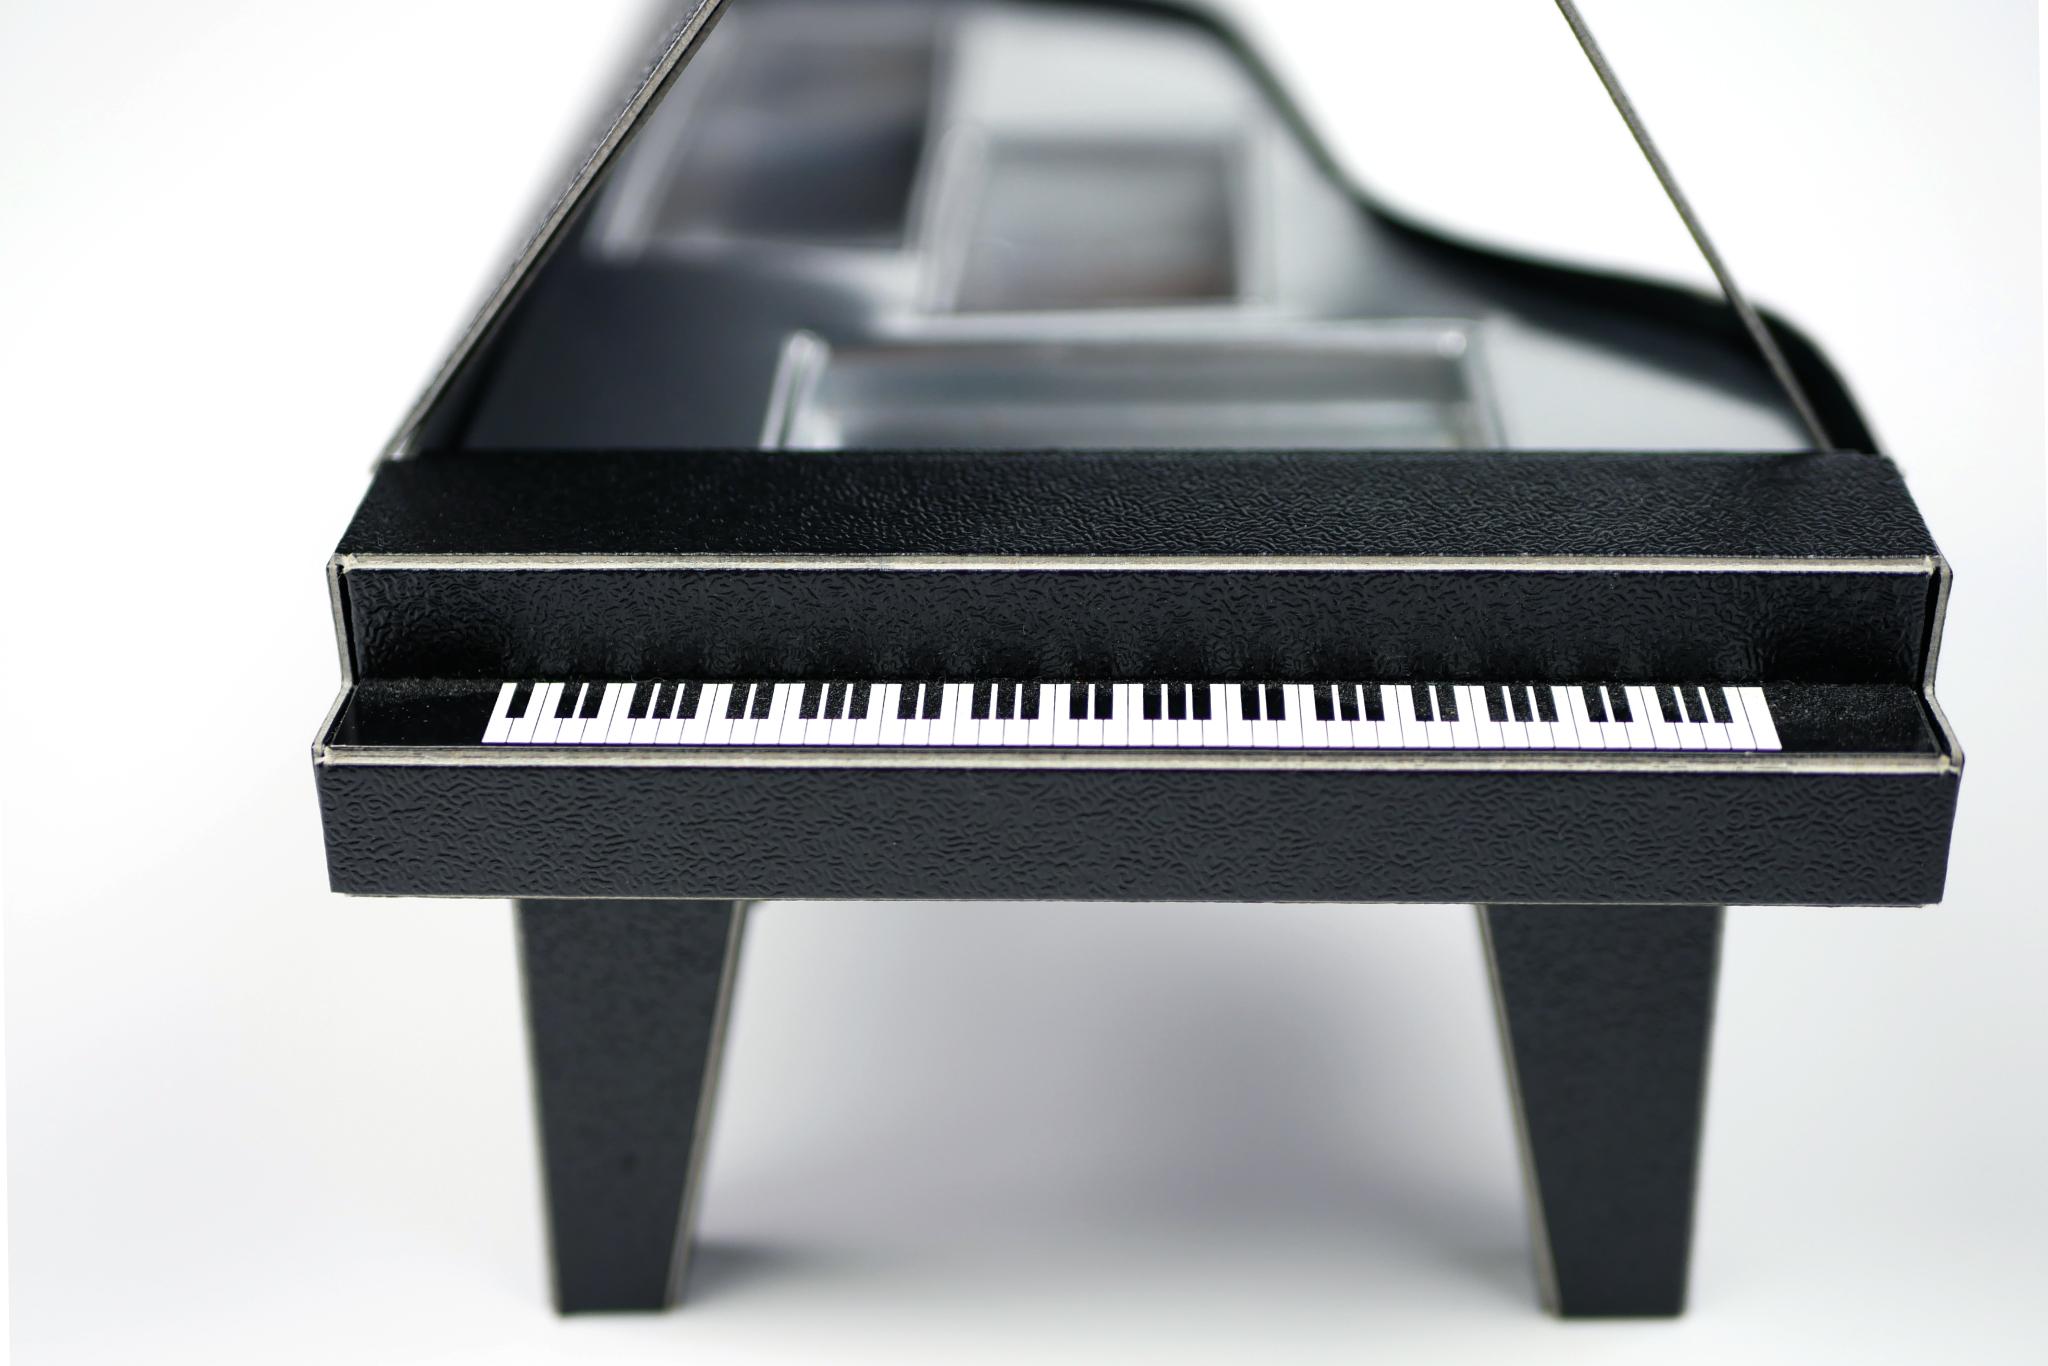 オリジナルパッケージ|バレンタイン|貼り箱|変形|ピアノ型